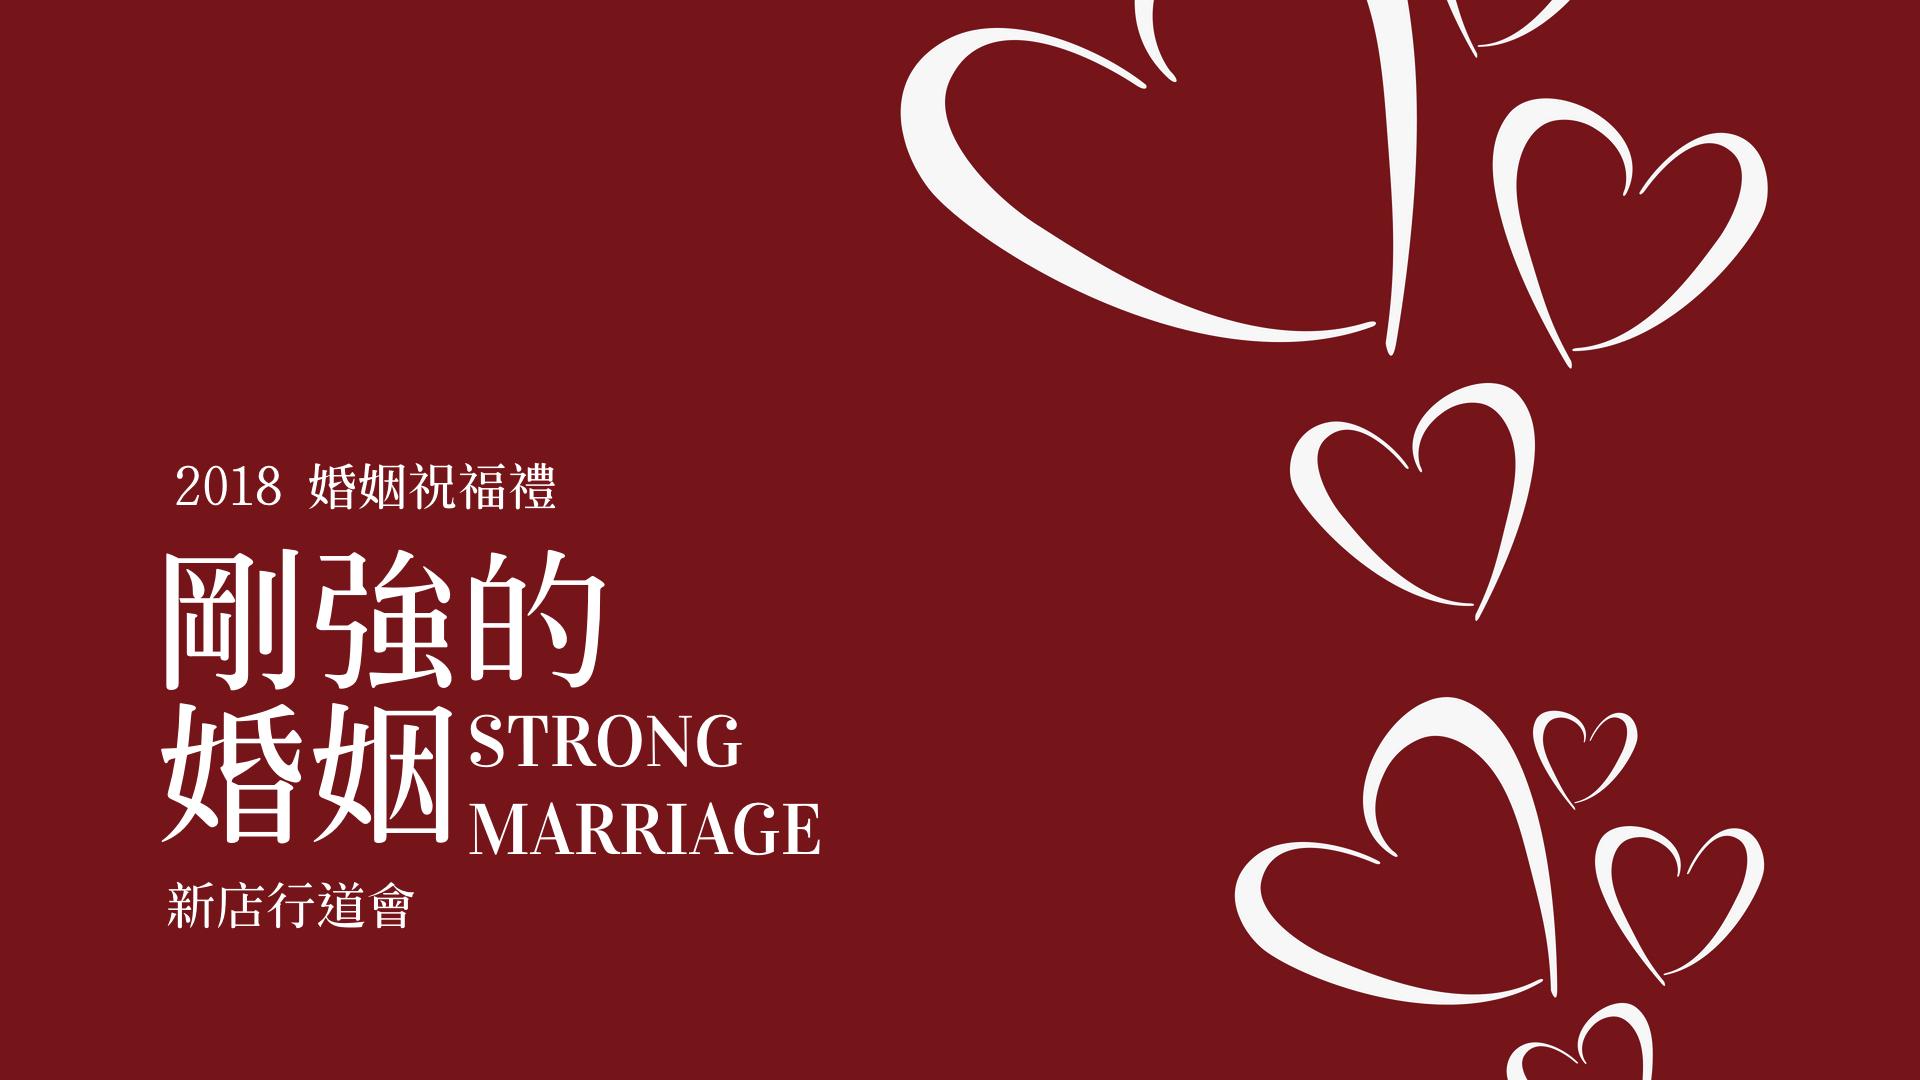 剛強的婚姻|張光偉牧師